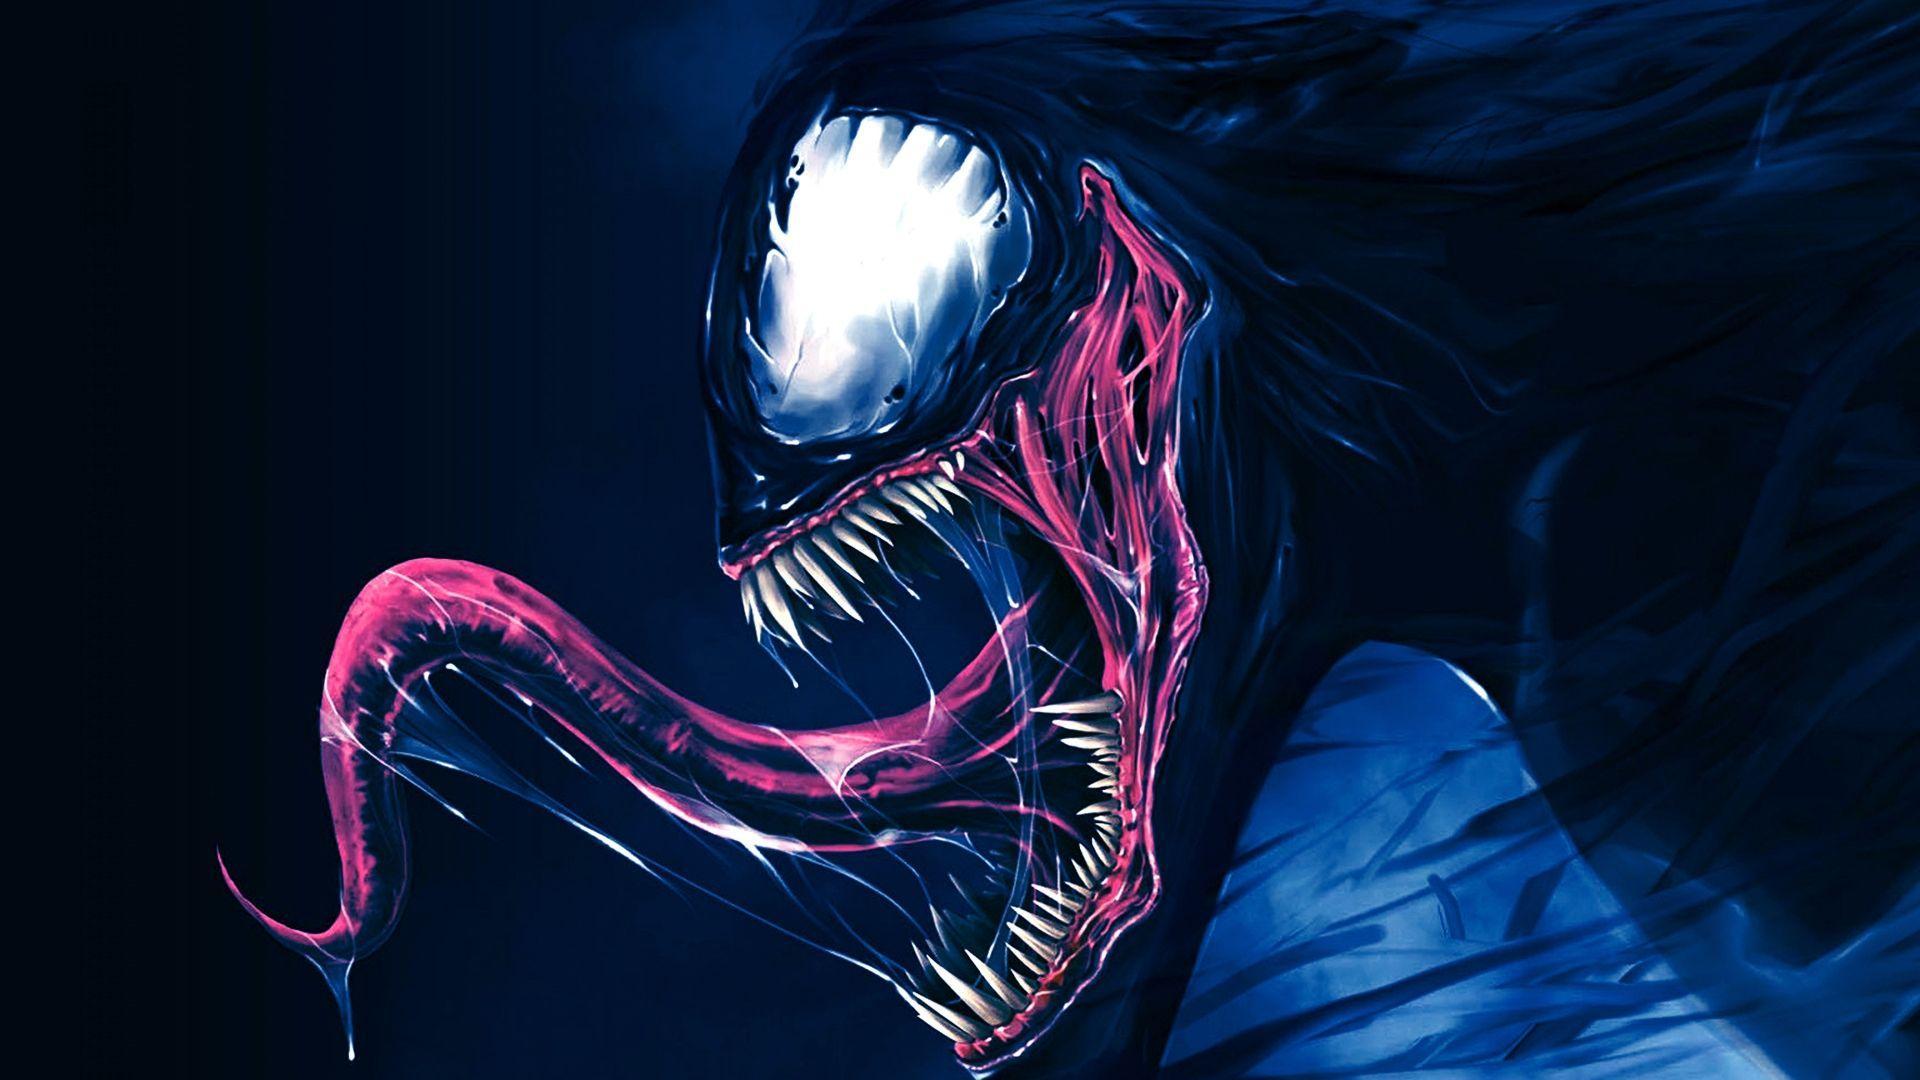 Venom Hd Wallpapers Wallpaper Cave